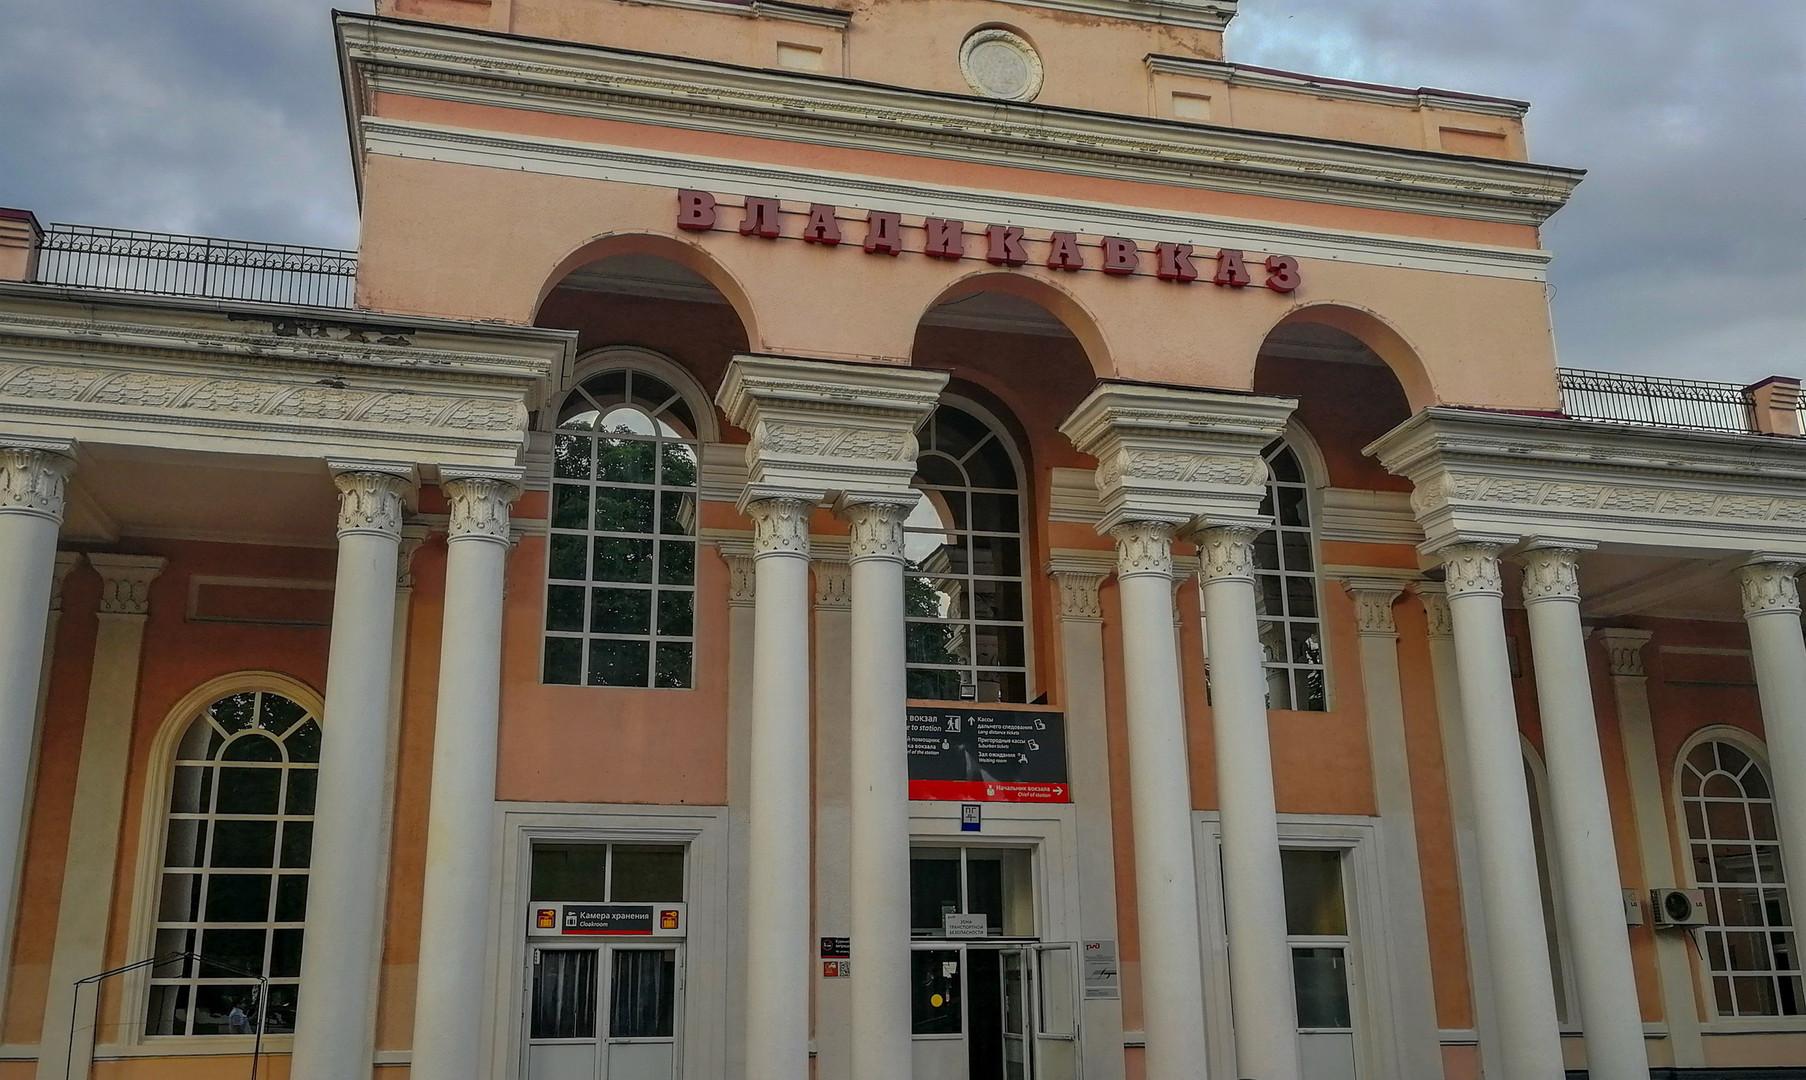 Ж/д вокзал, Владикавказ